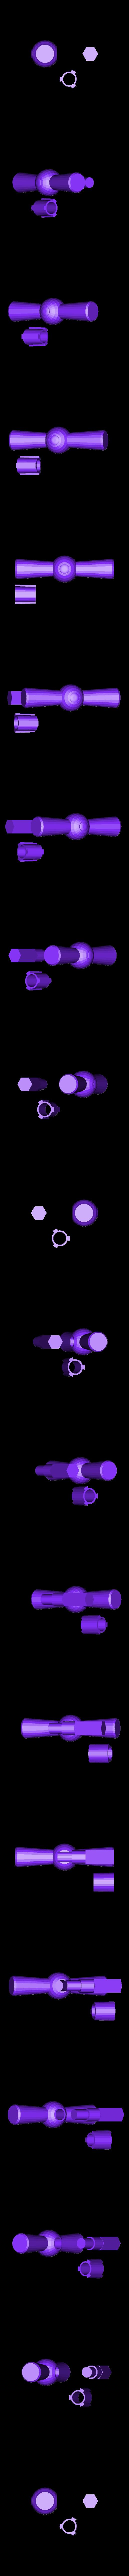 part1.stl Télécharger fichier STL gratuit Robinet magique • Objet pour impression 3D, kimjh